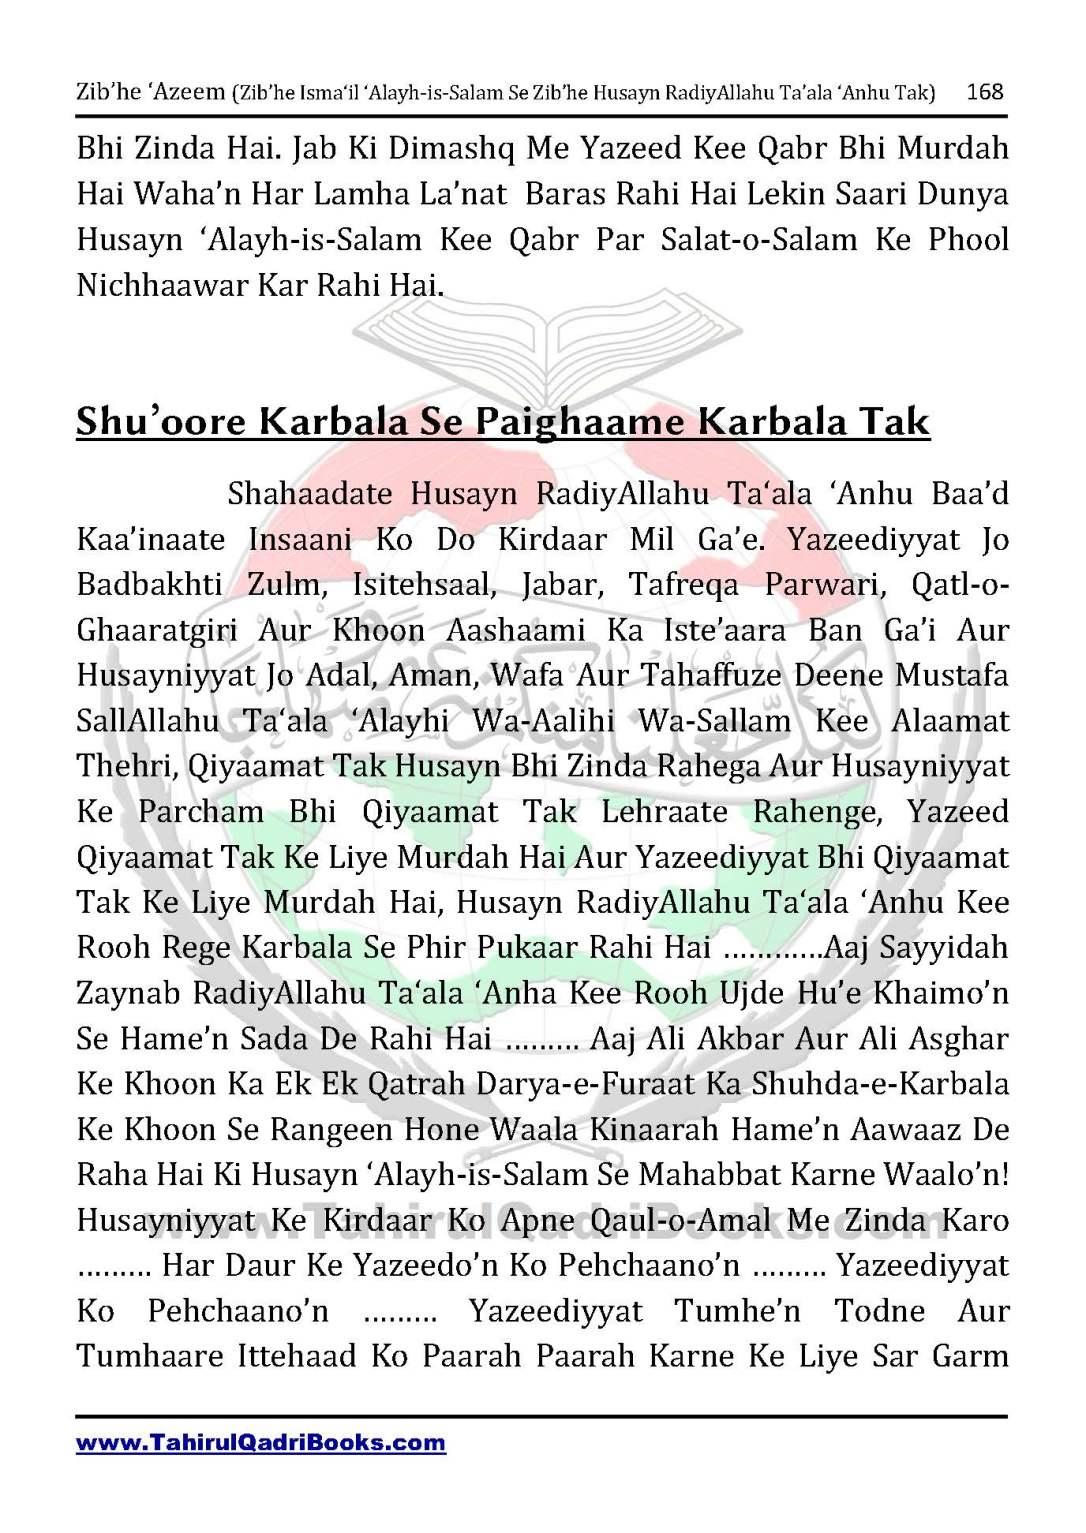 zib_he-e28098azeem-zib_he-ismacabbil-se-zib_he-husayn-tak-in-roman-urdu-unlocked_Page_168